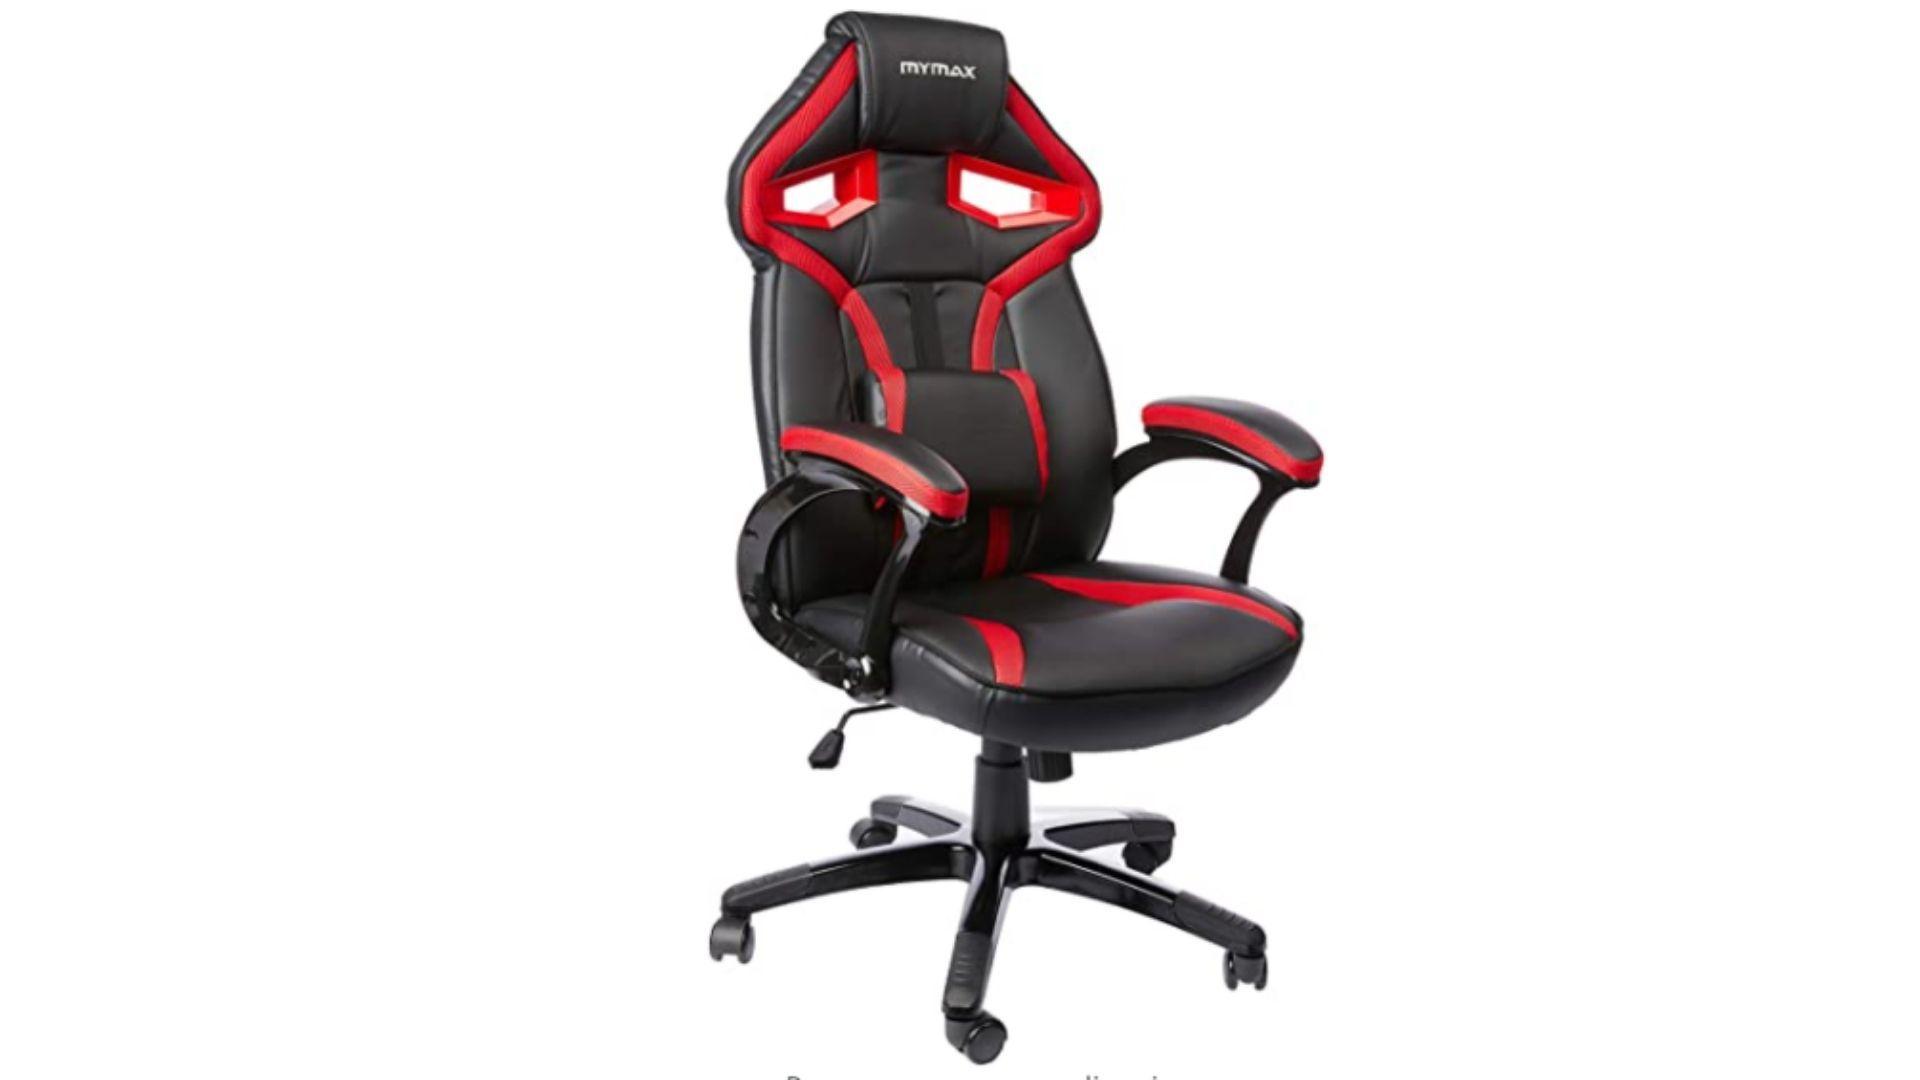 A cadeira gamer vermelha da Mymax é uma opção muito popular no segmento. (Foto: Divulgação/Mymax)